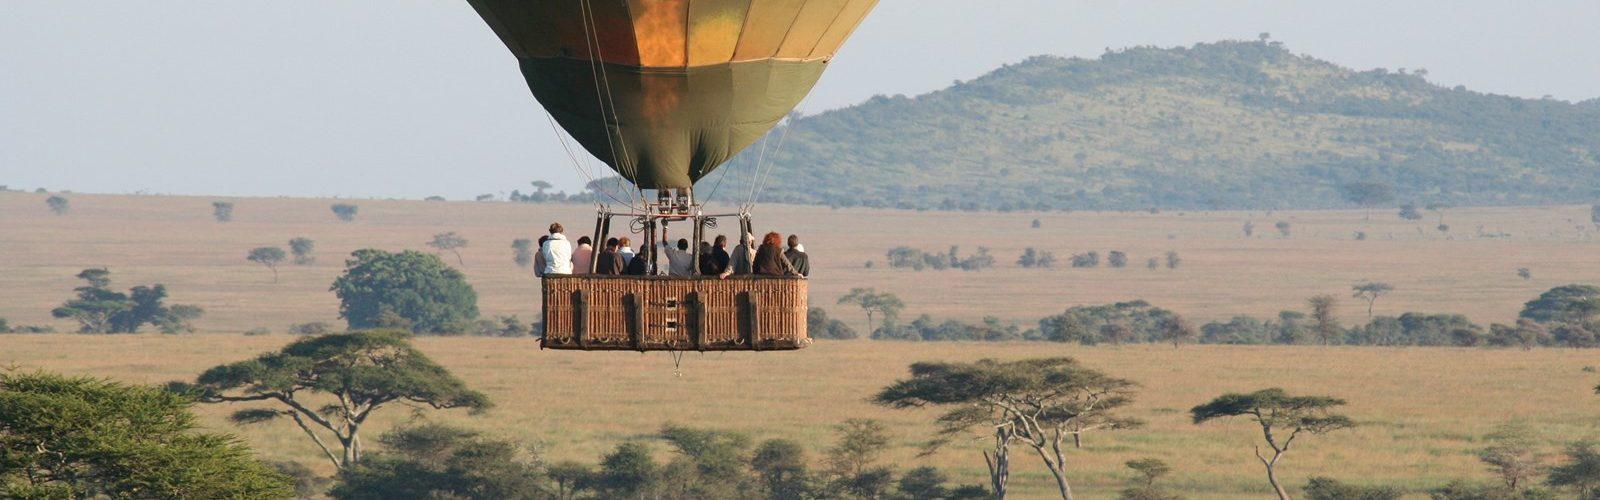 luchtballon-tanzania